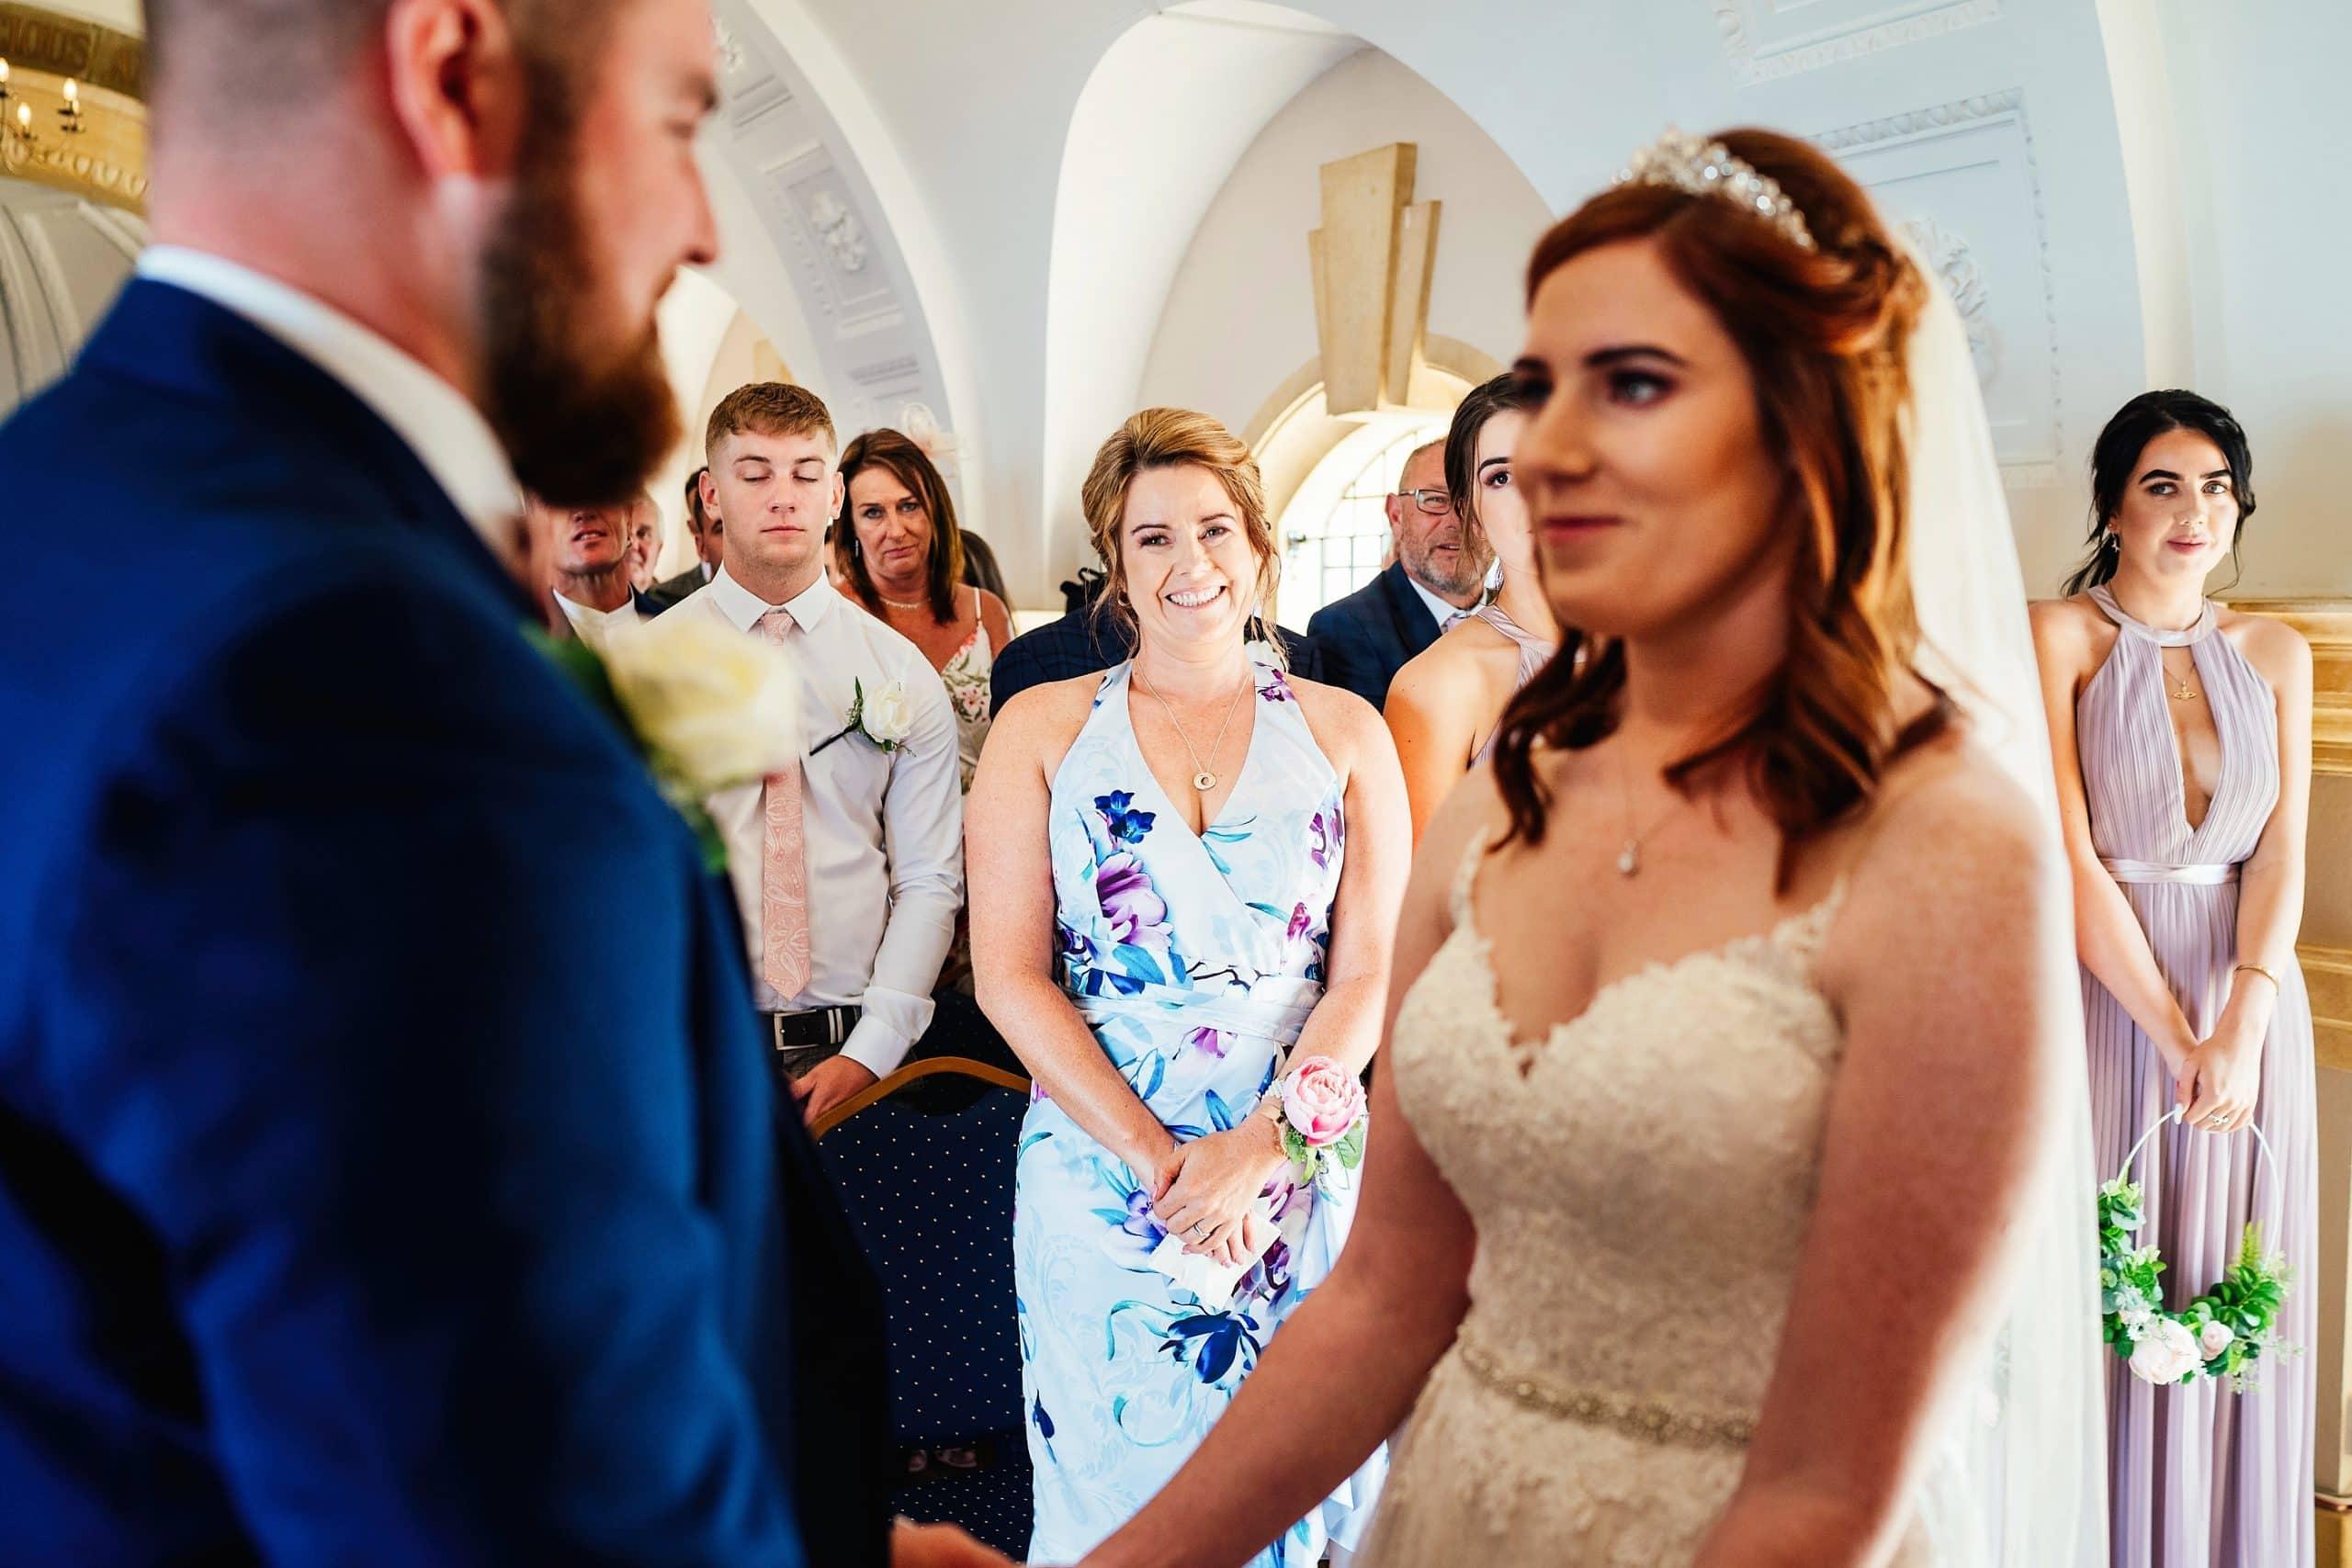 normanton-church-wedding-photography-10